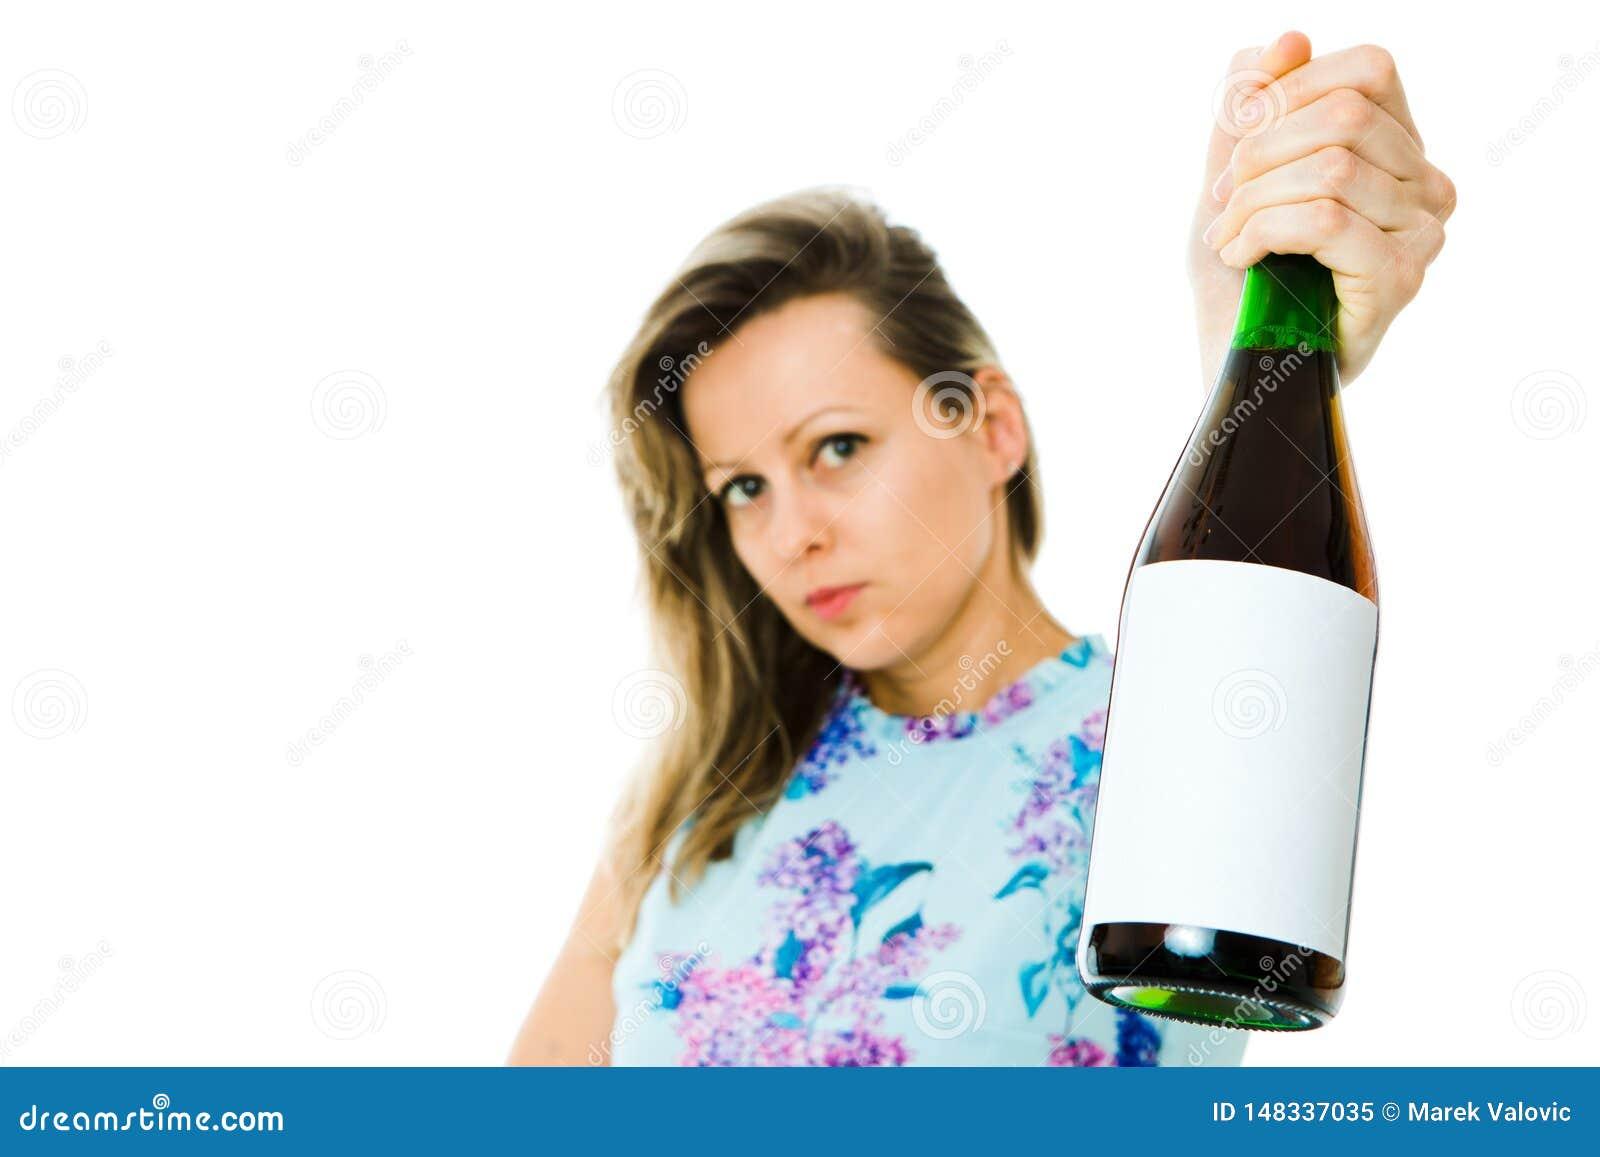 Een vrouw in de gebloeide fles van de kledingsholding rode mousserende wijn - lege etiquette